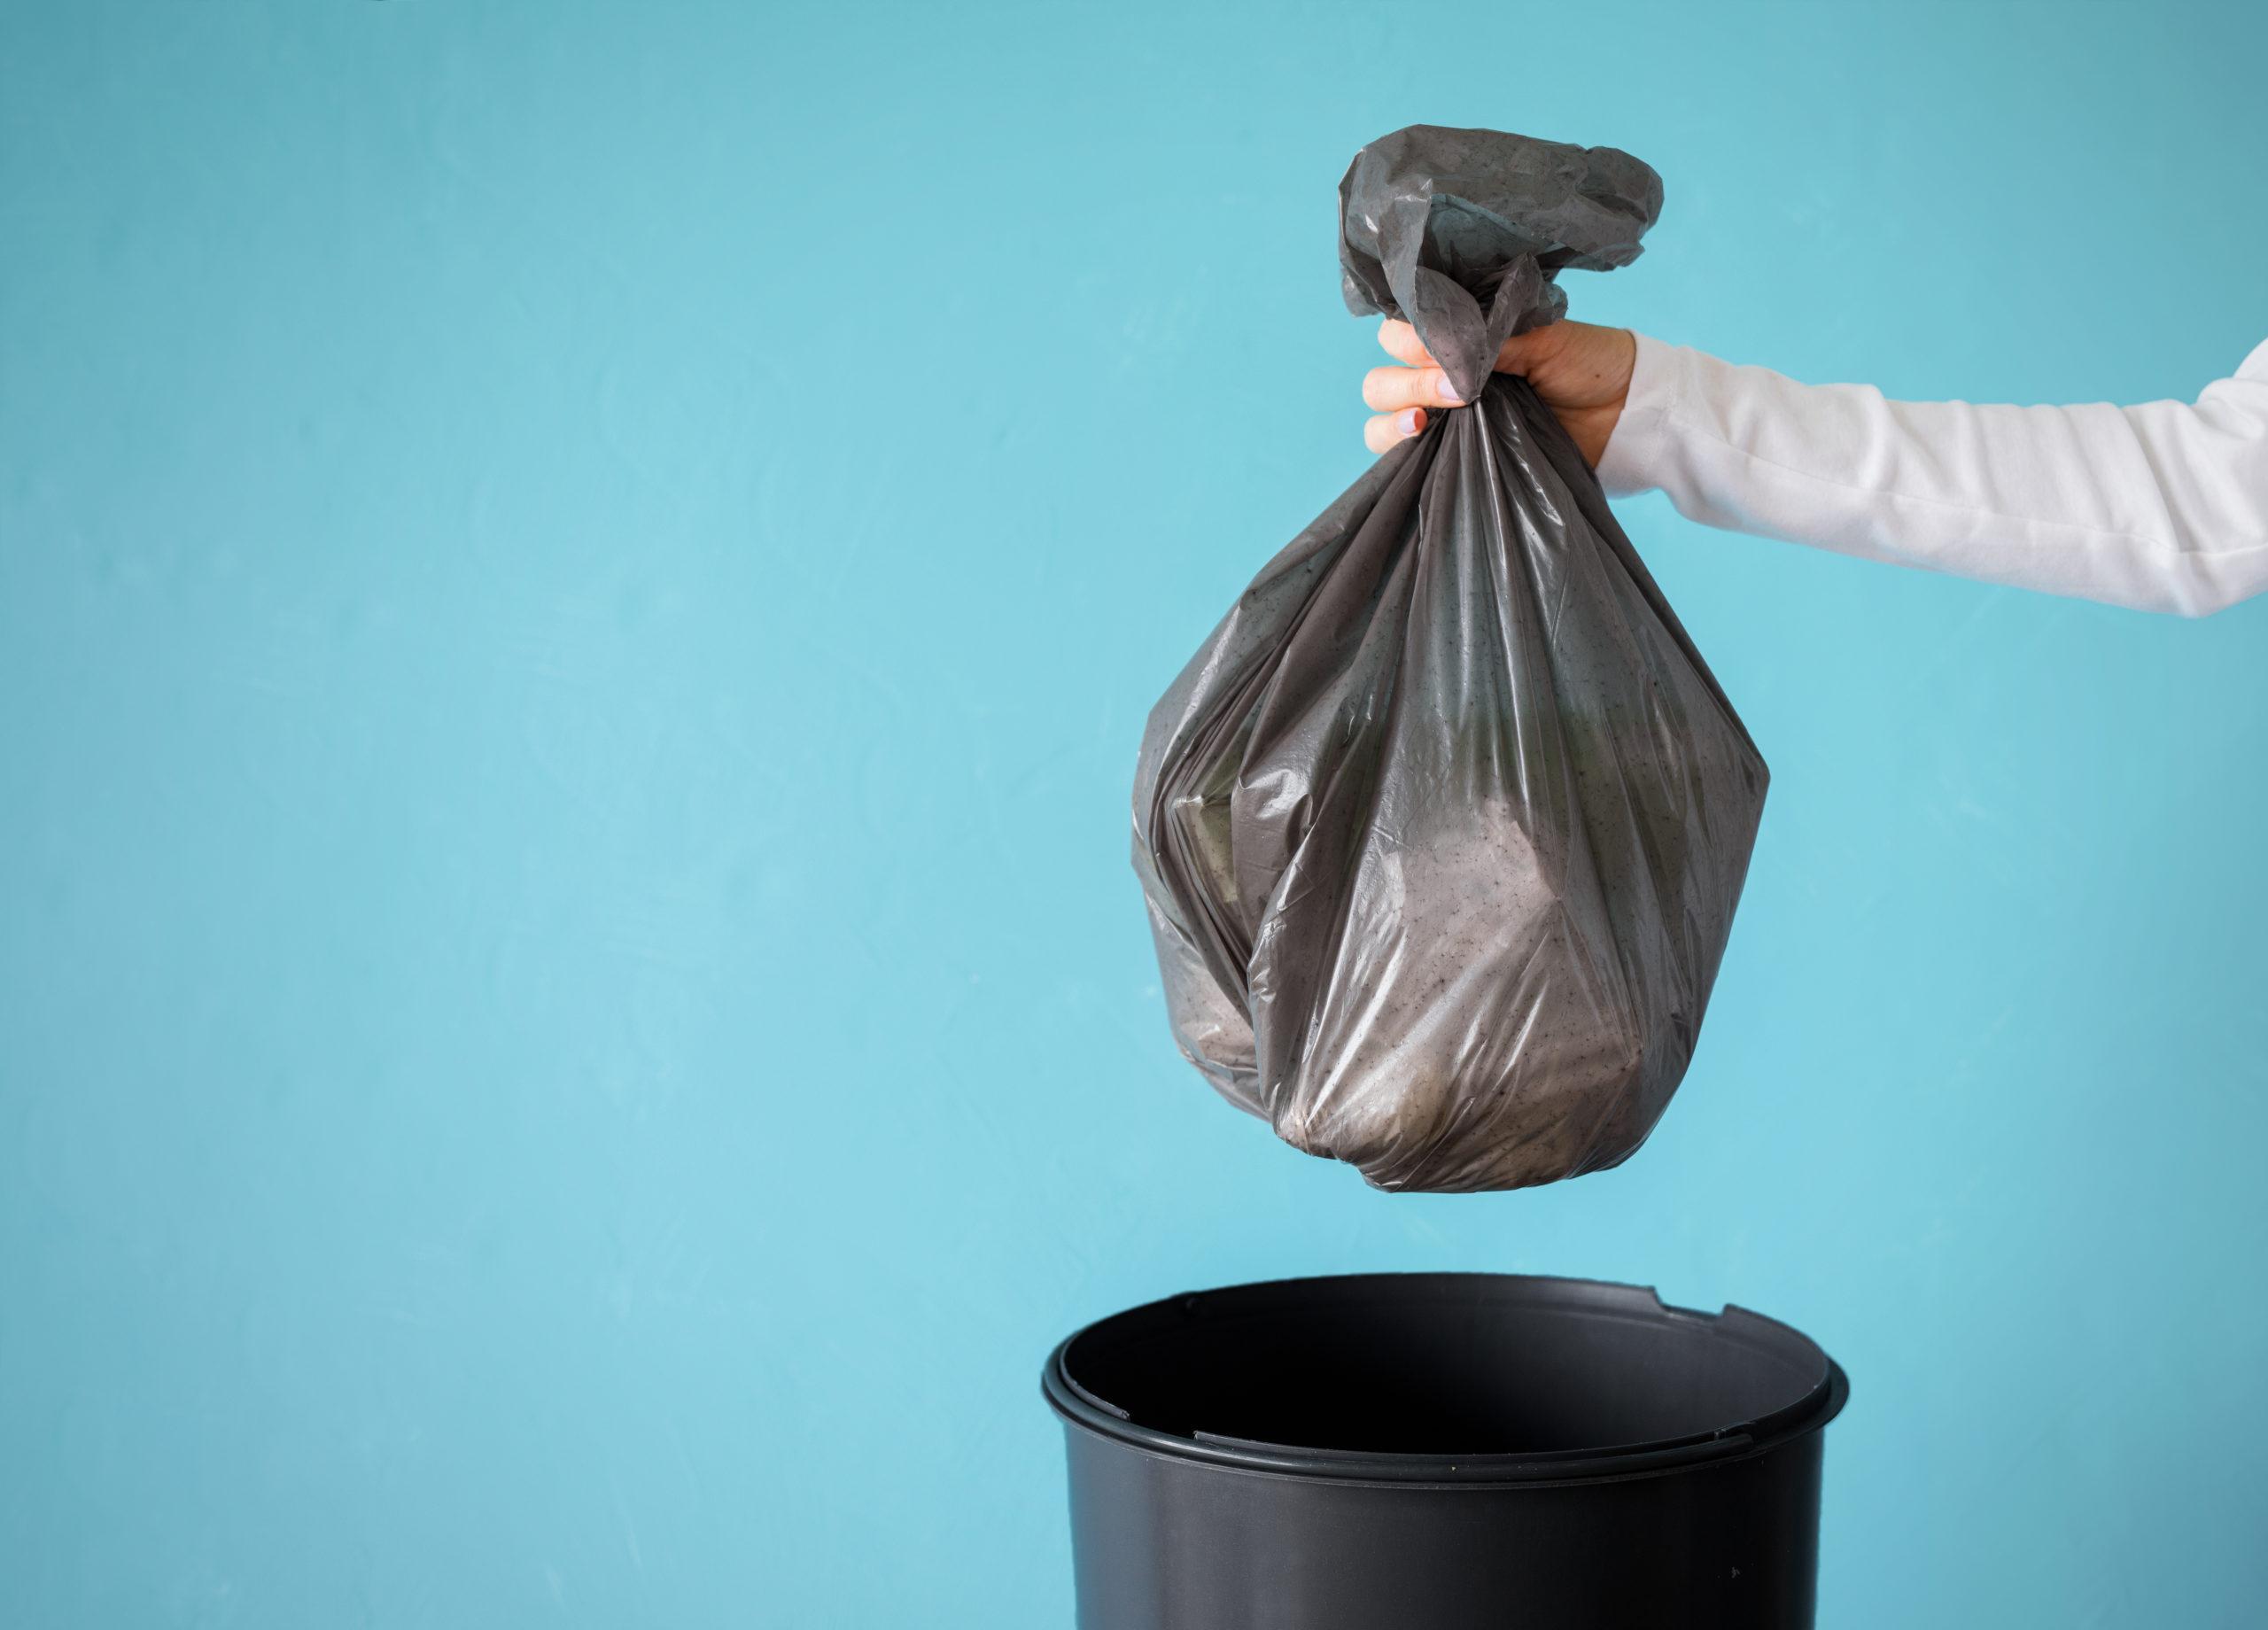 Quelques conseils pour préserver la qualité et l'usage des sachets biodégradables